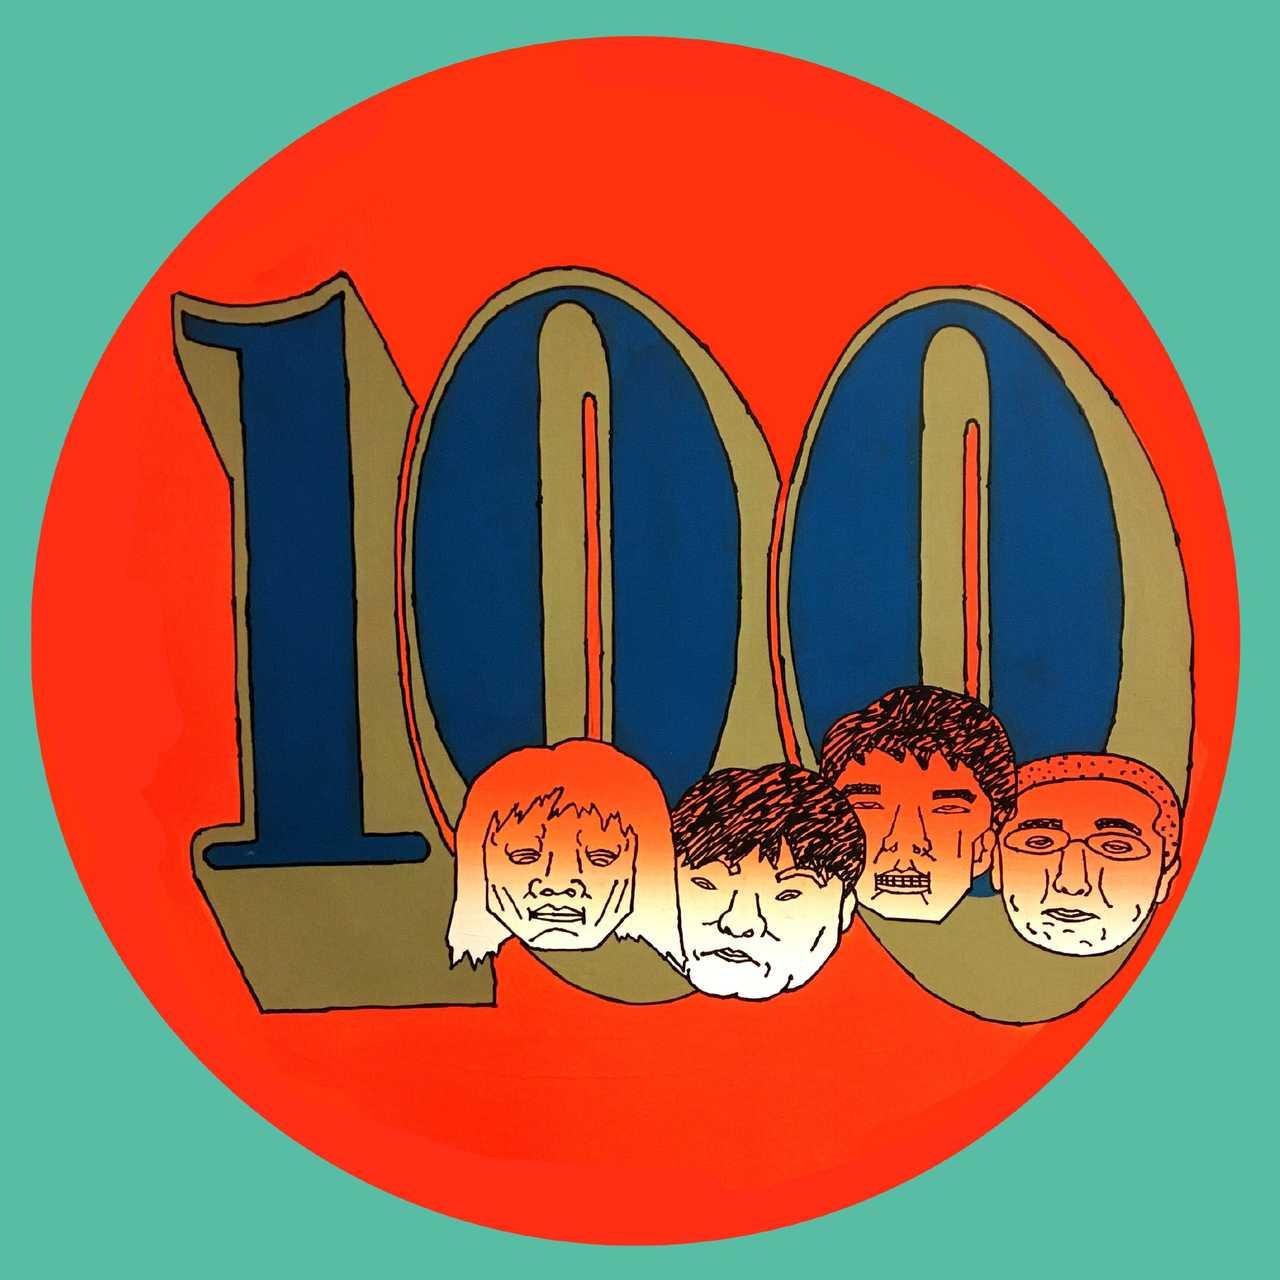 ショートムービー『100年後』